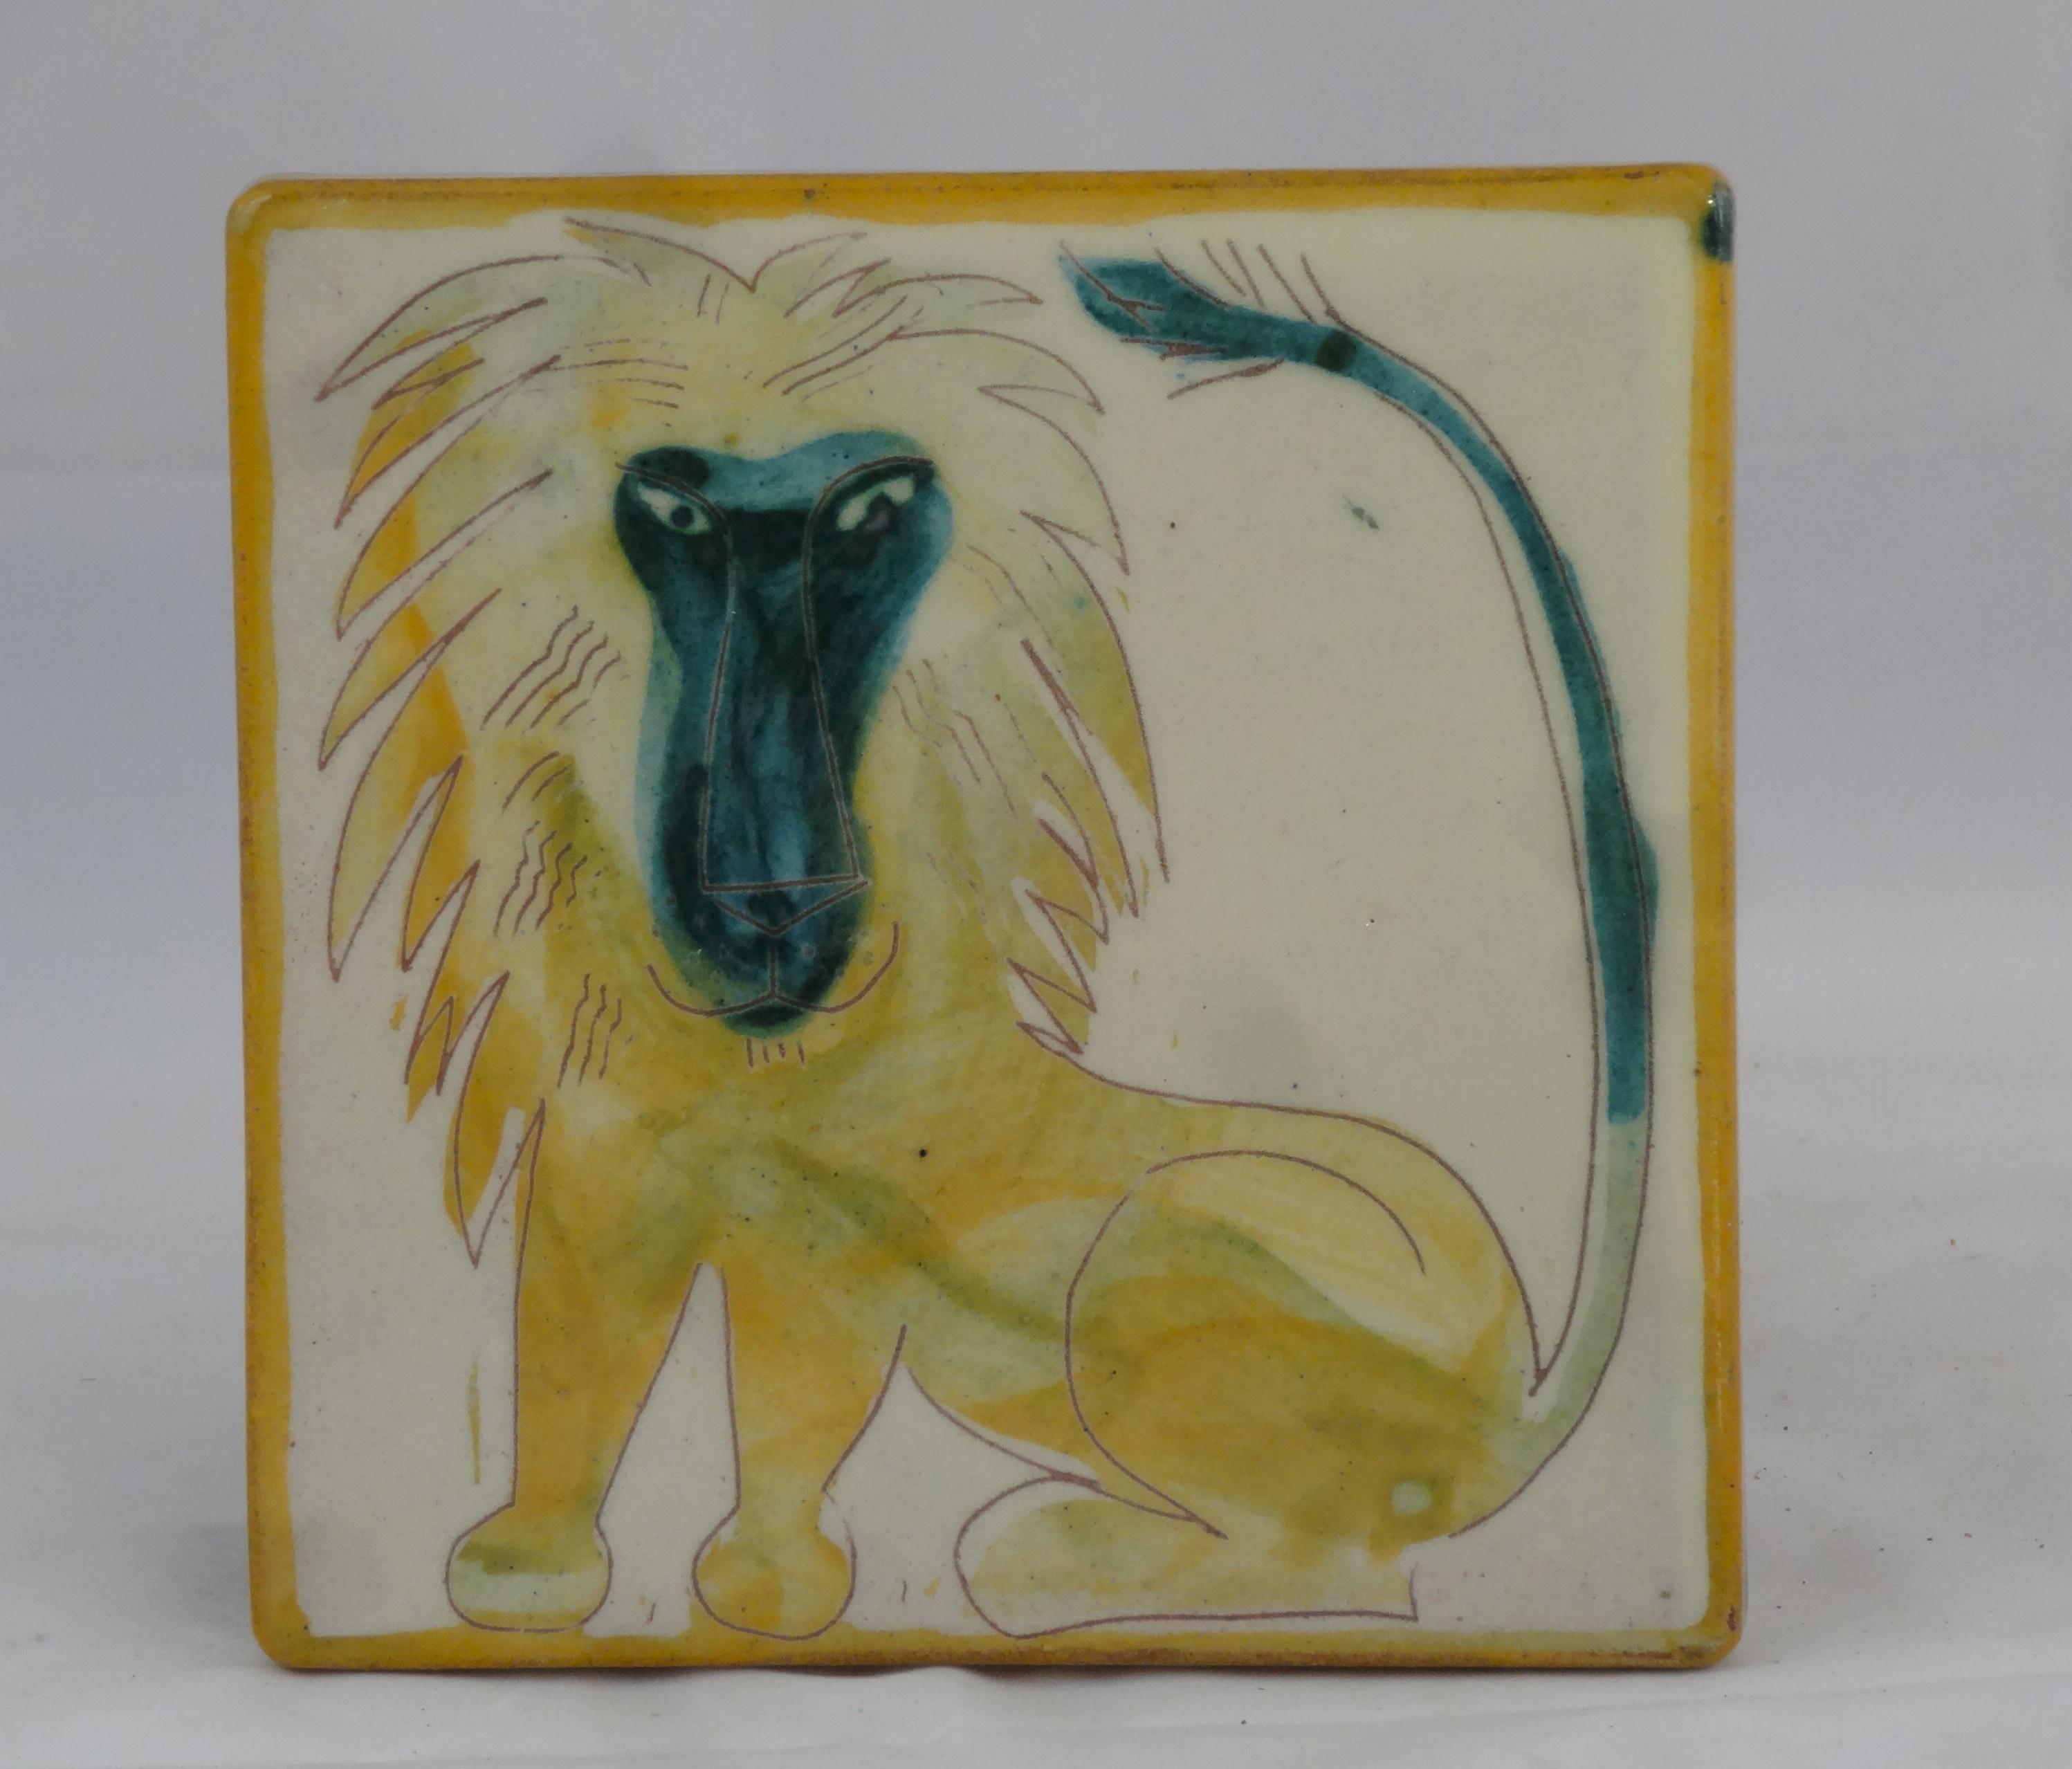 Fliese Löwe gelb